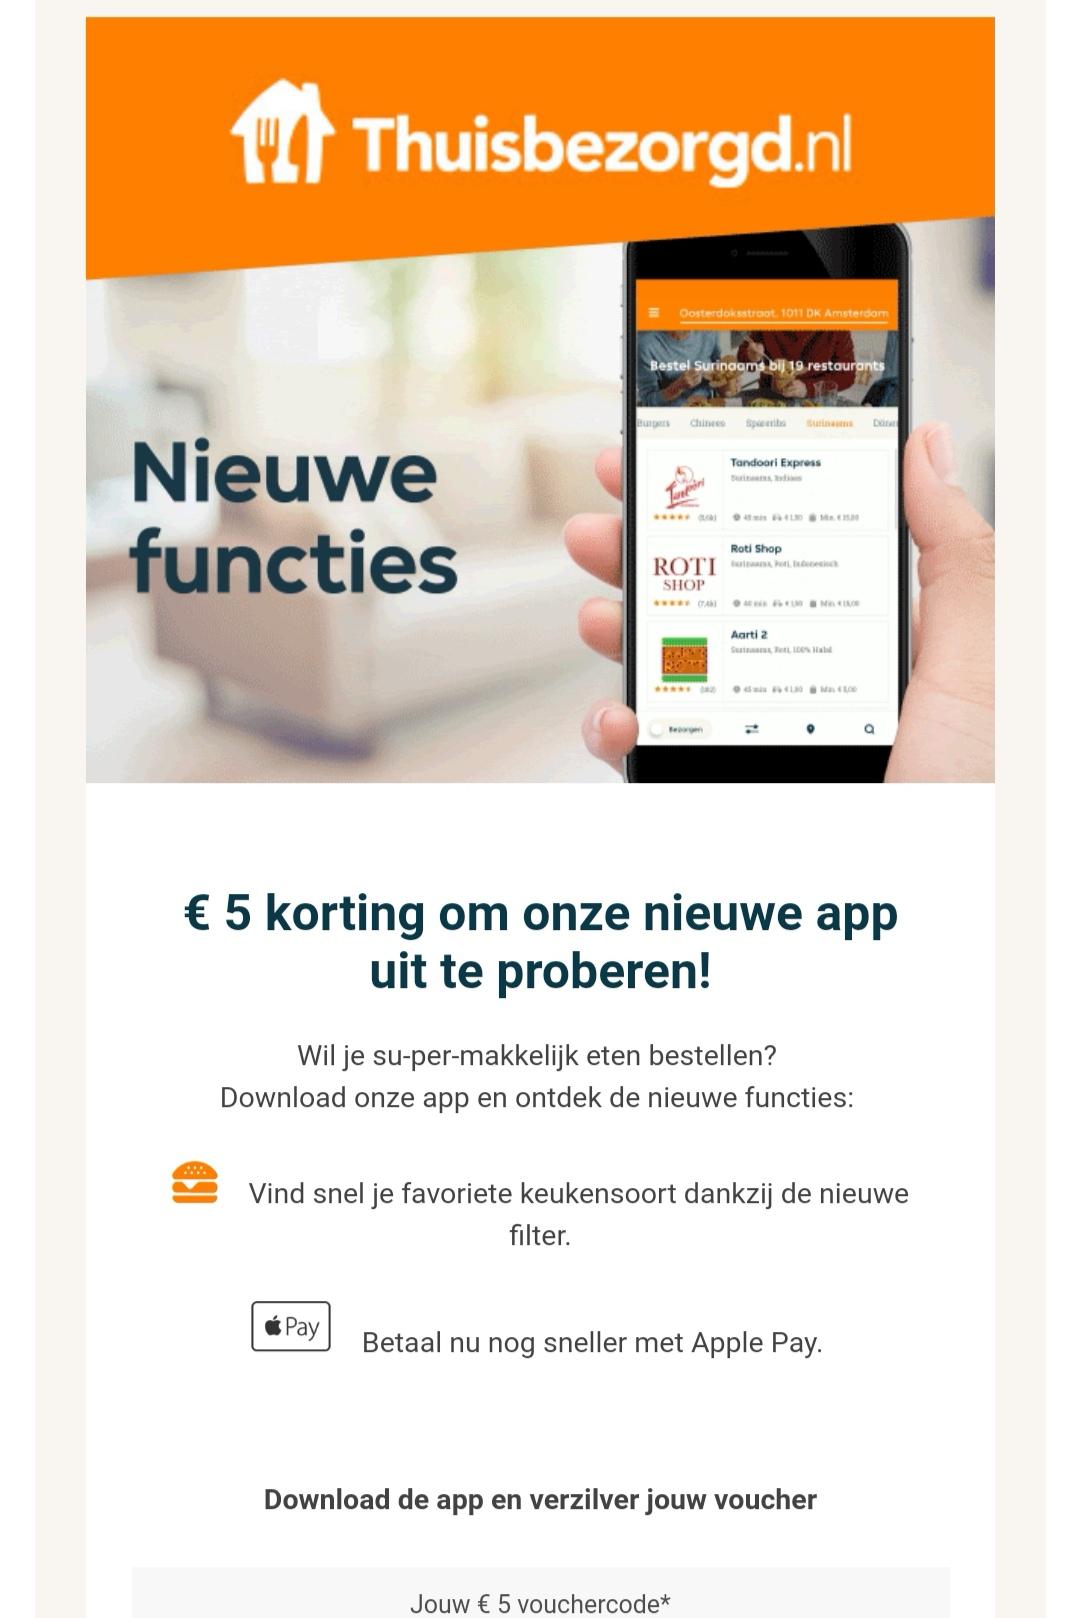 €5 of €3 korting bij uitproberen nieuwe Thuisbezorgd.nl app (check je email)